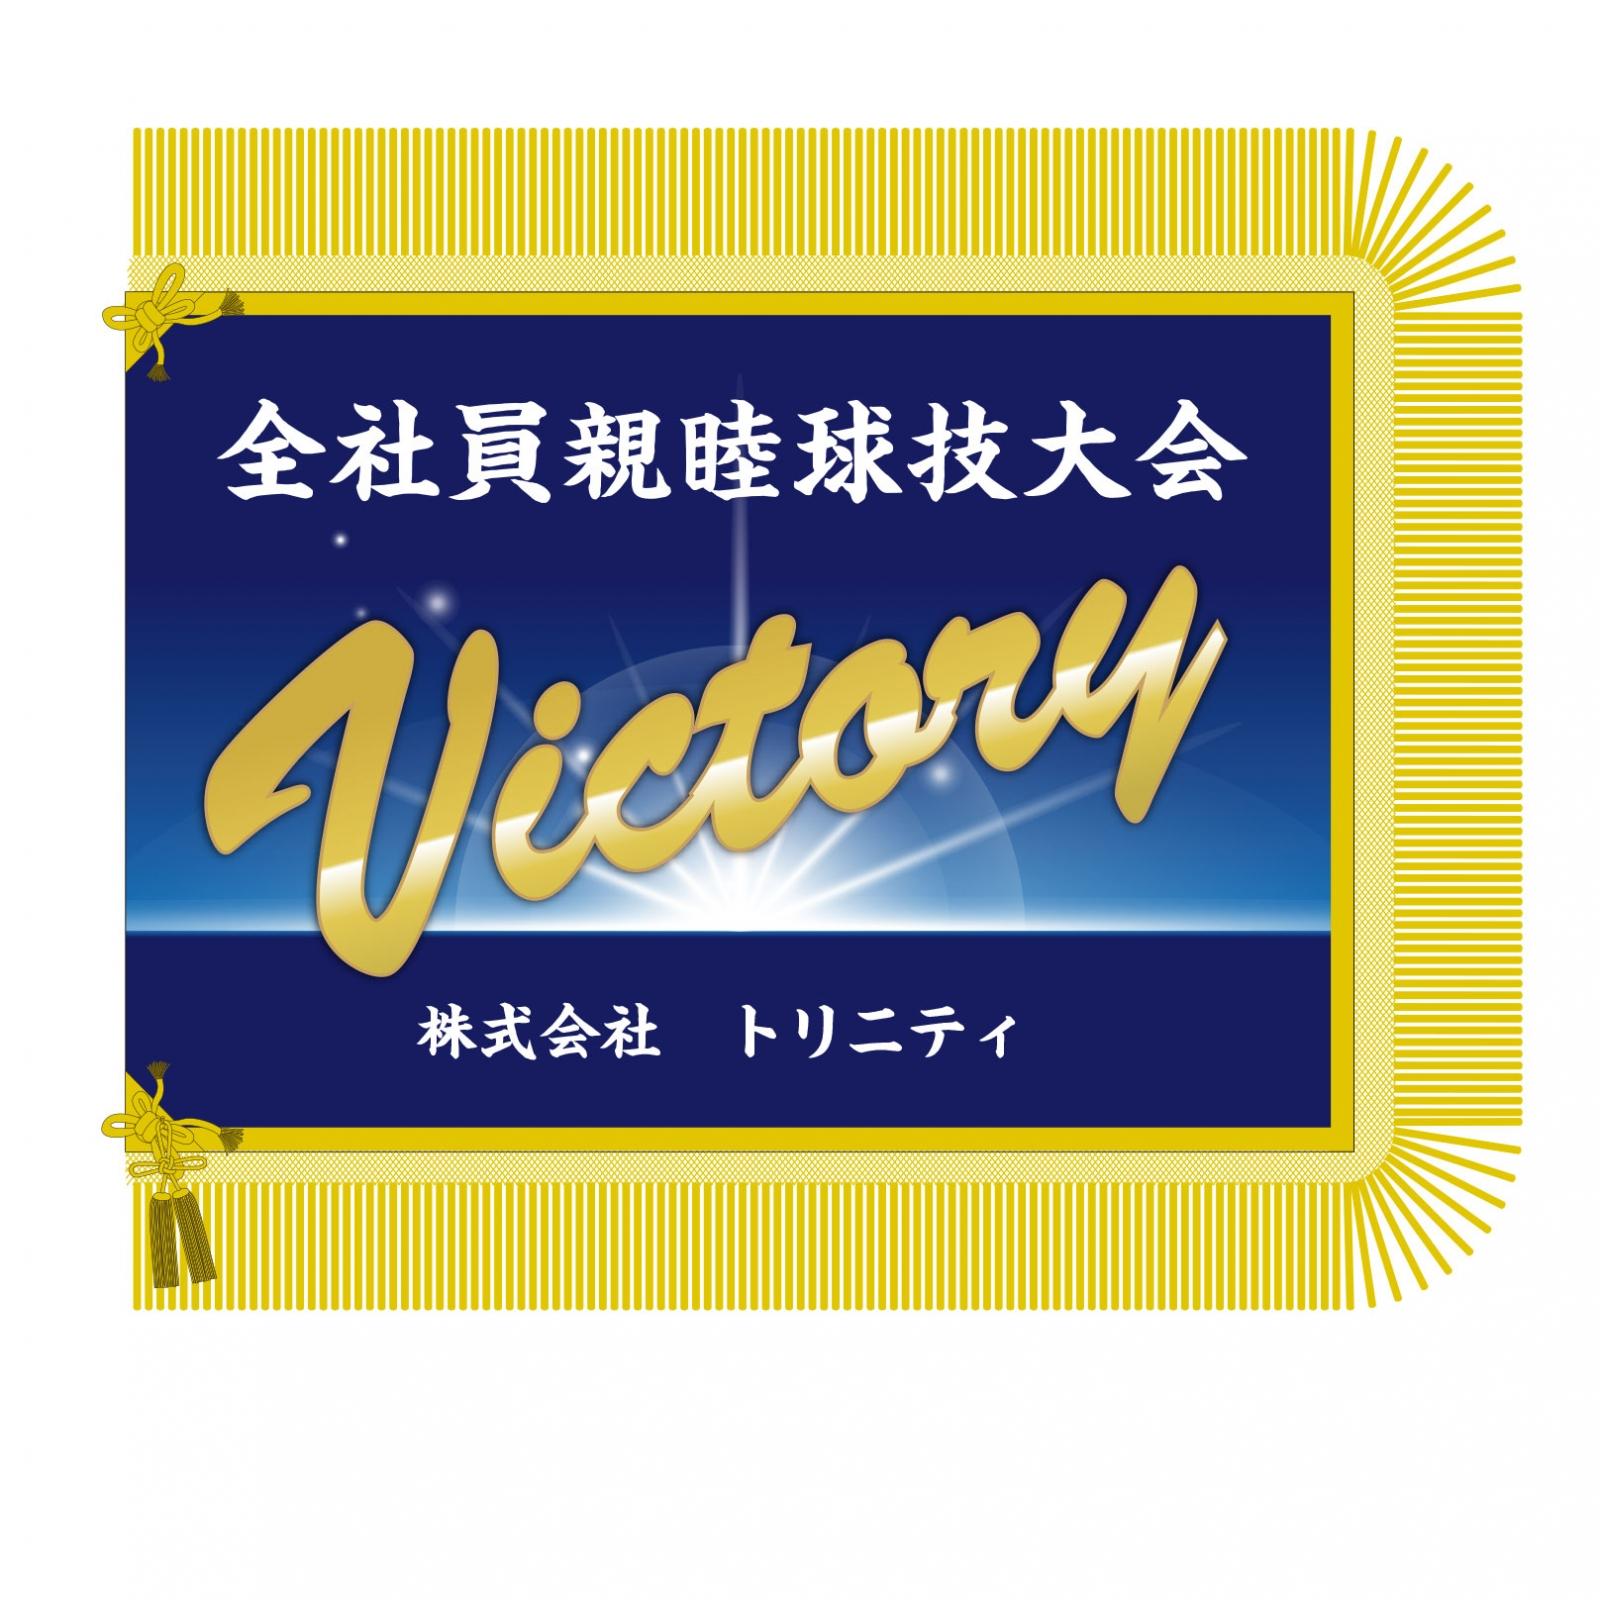 会社の球技大会の優勝旗